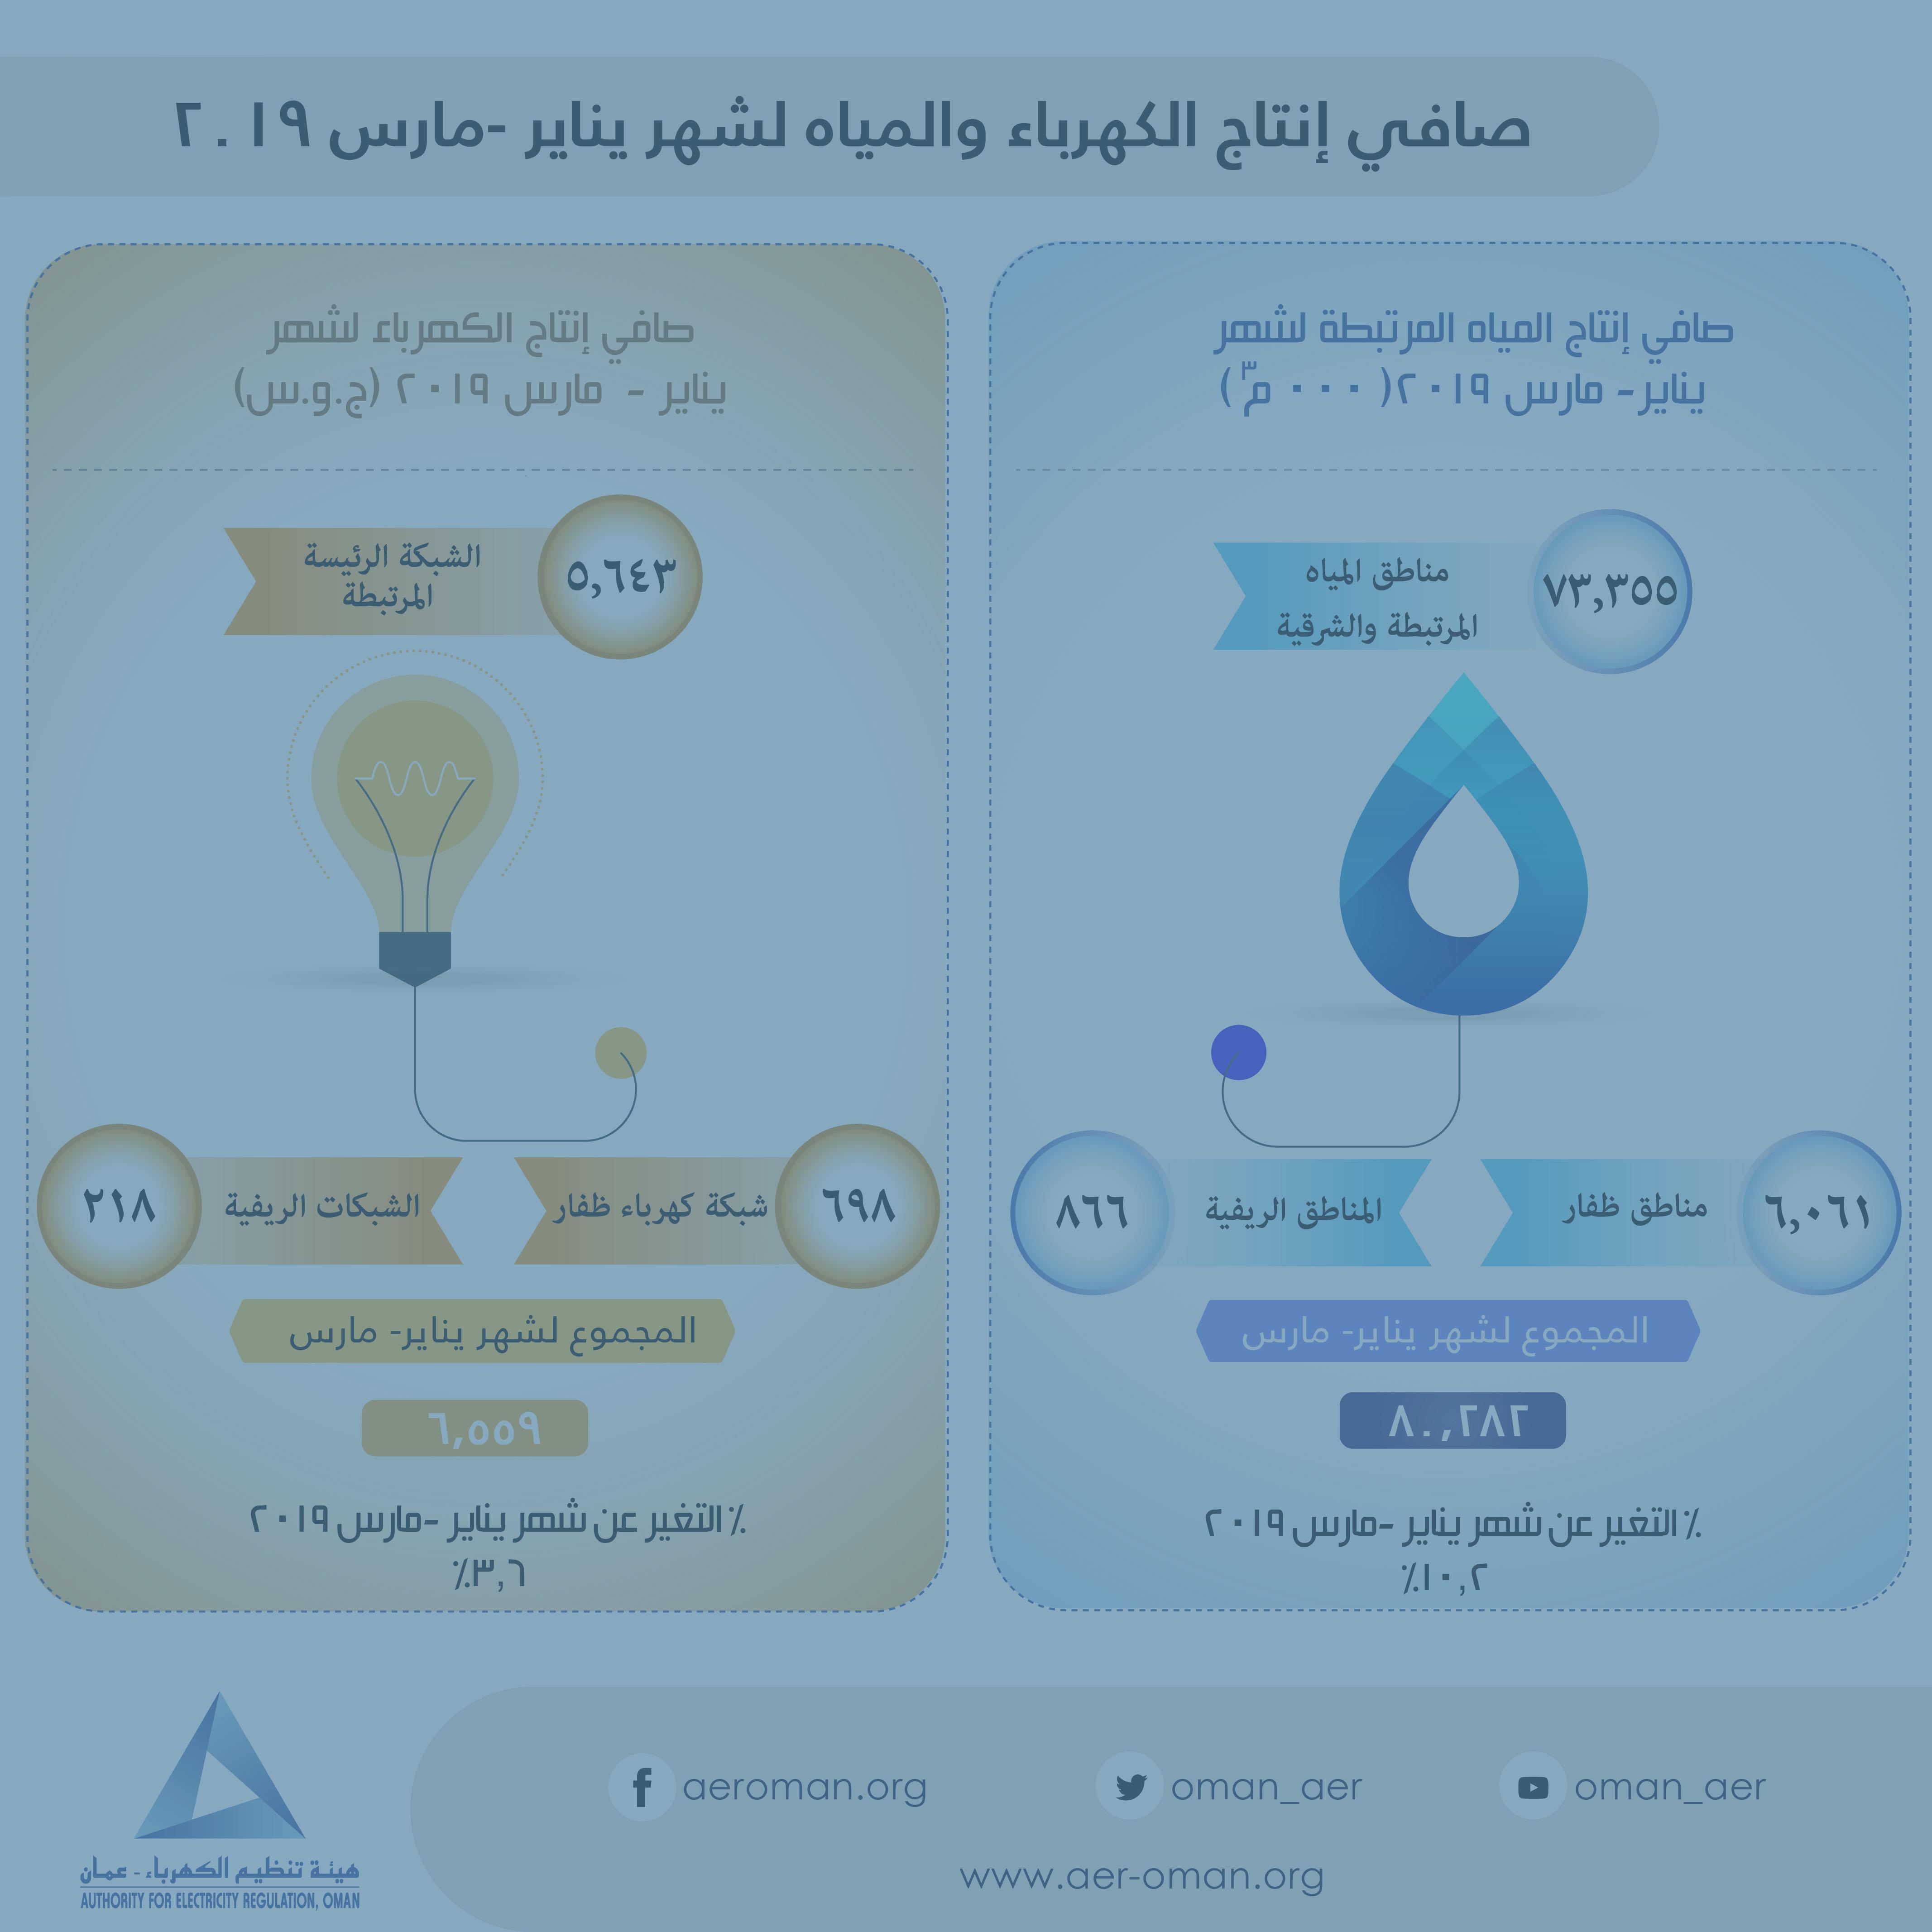 الرئيسية | هيئة تنظيم الكهرباء